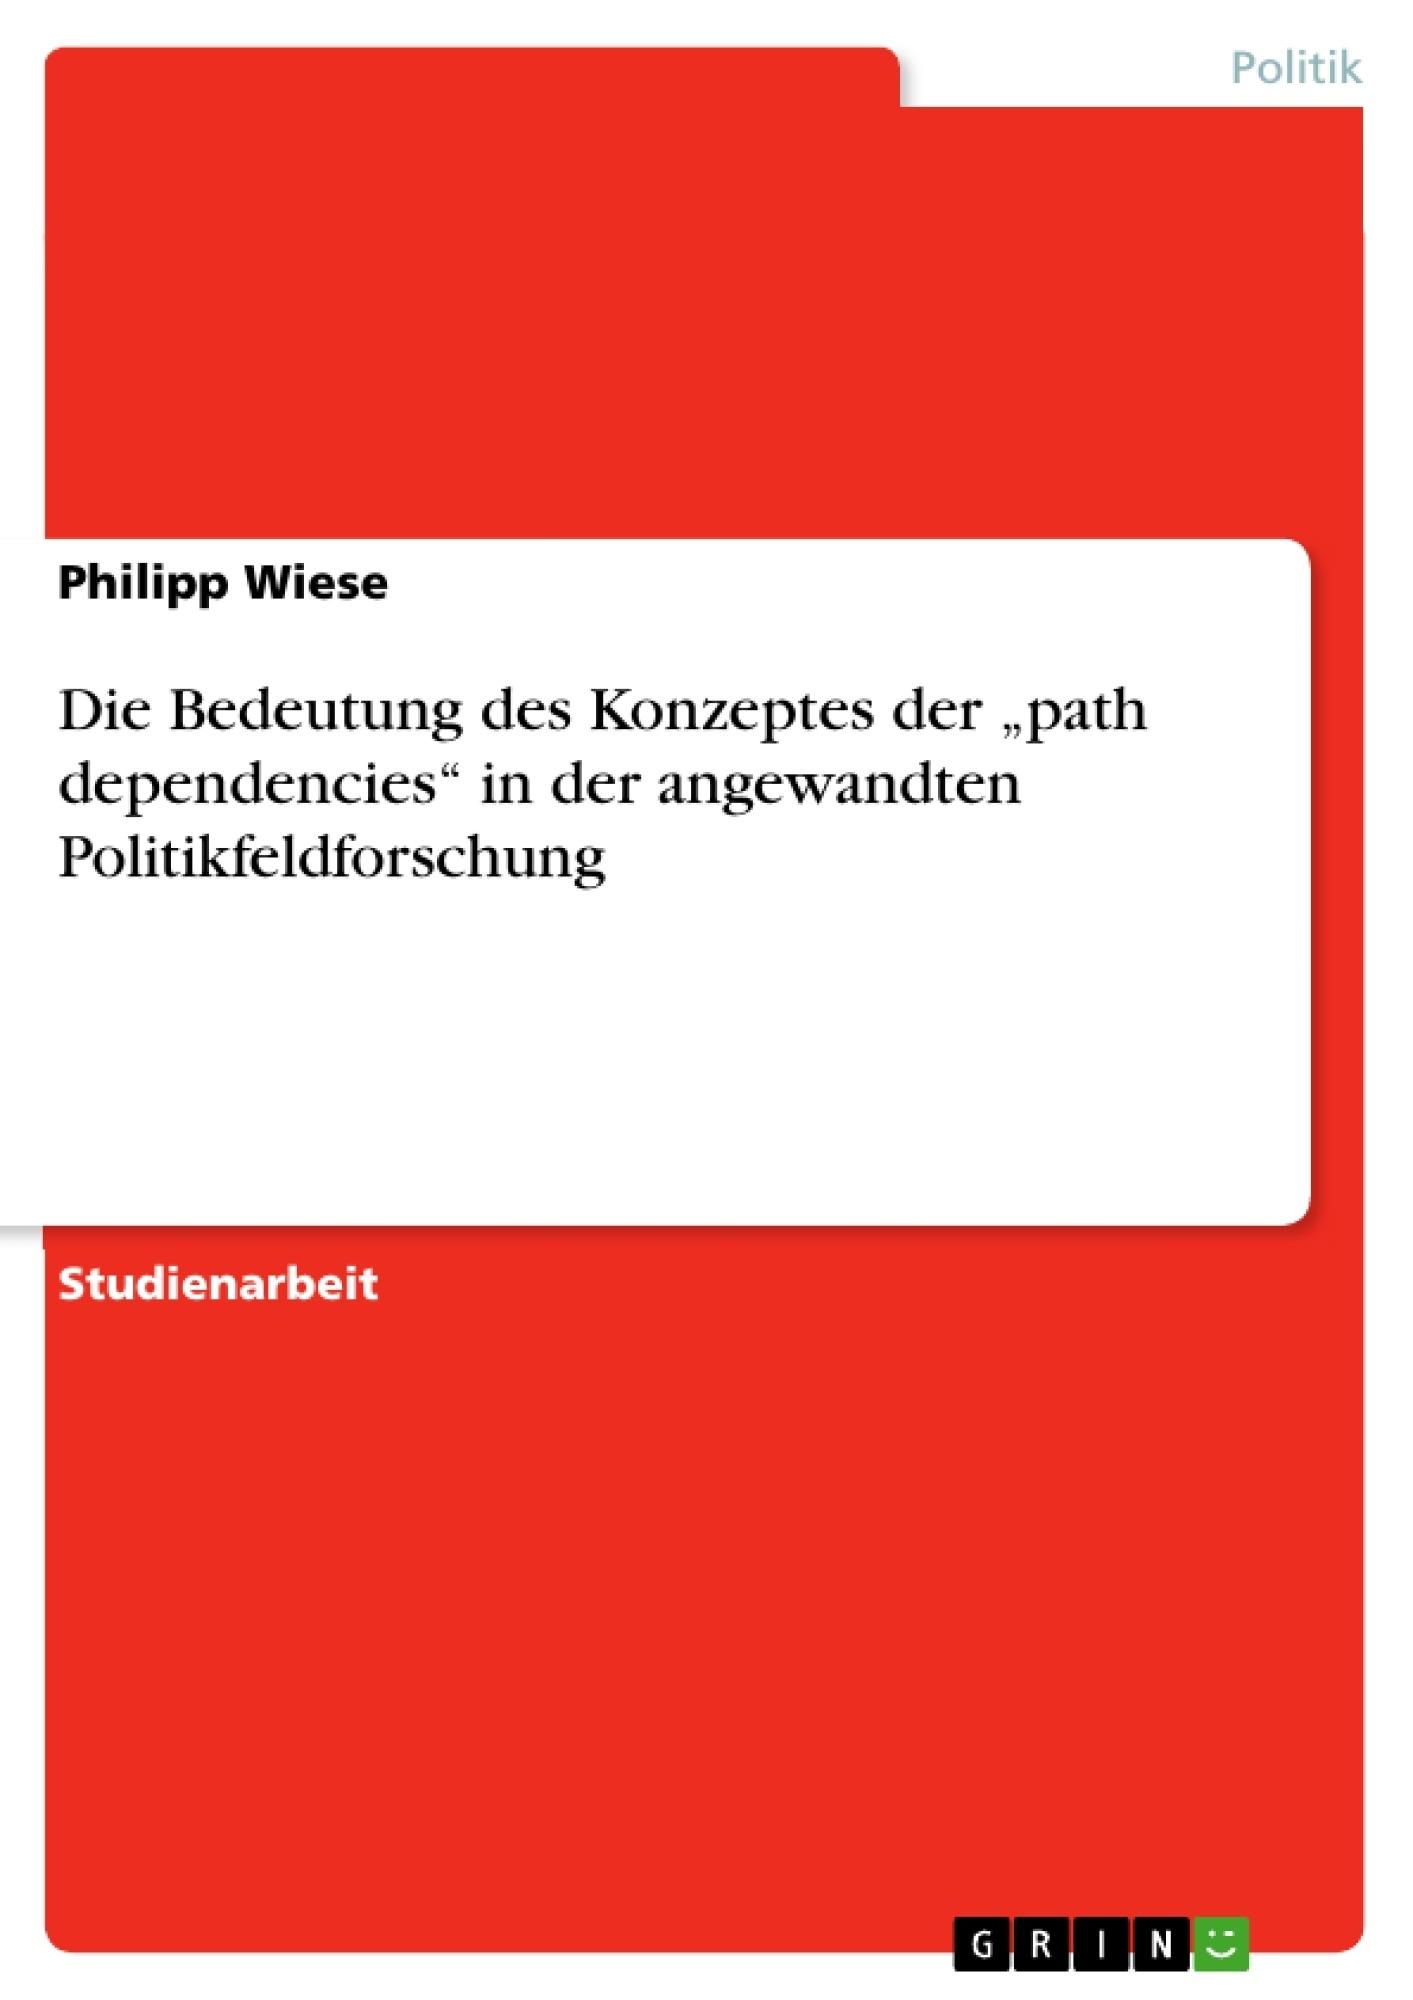 """Titel: Die Bedeutung des Konzeptes der """"path dependencies"""" in der angewandten Politikfeldforschung"""